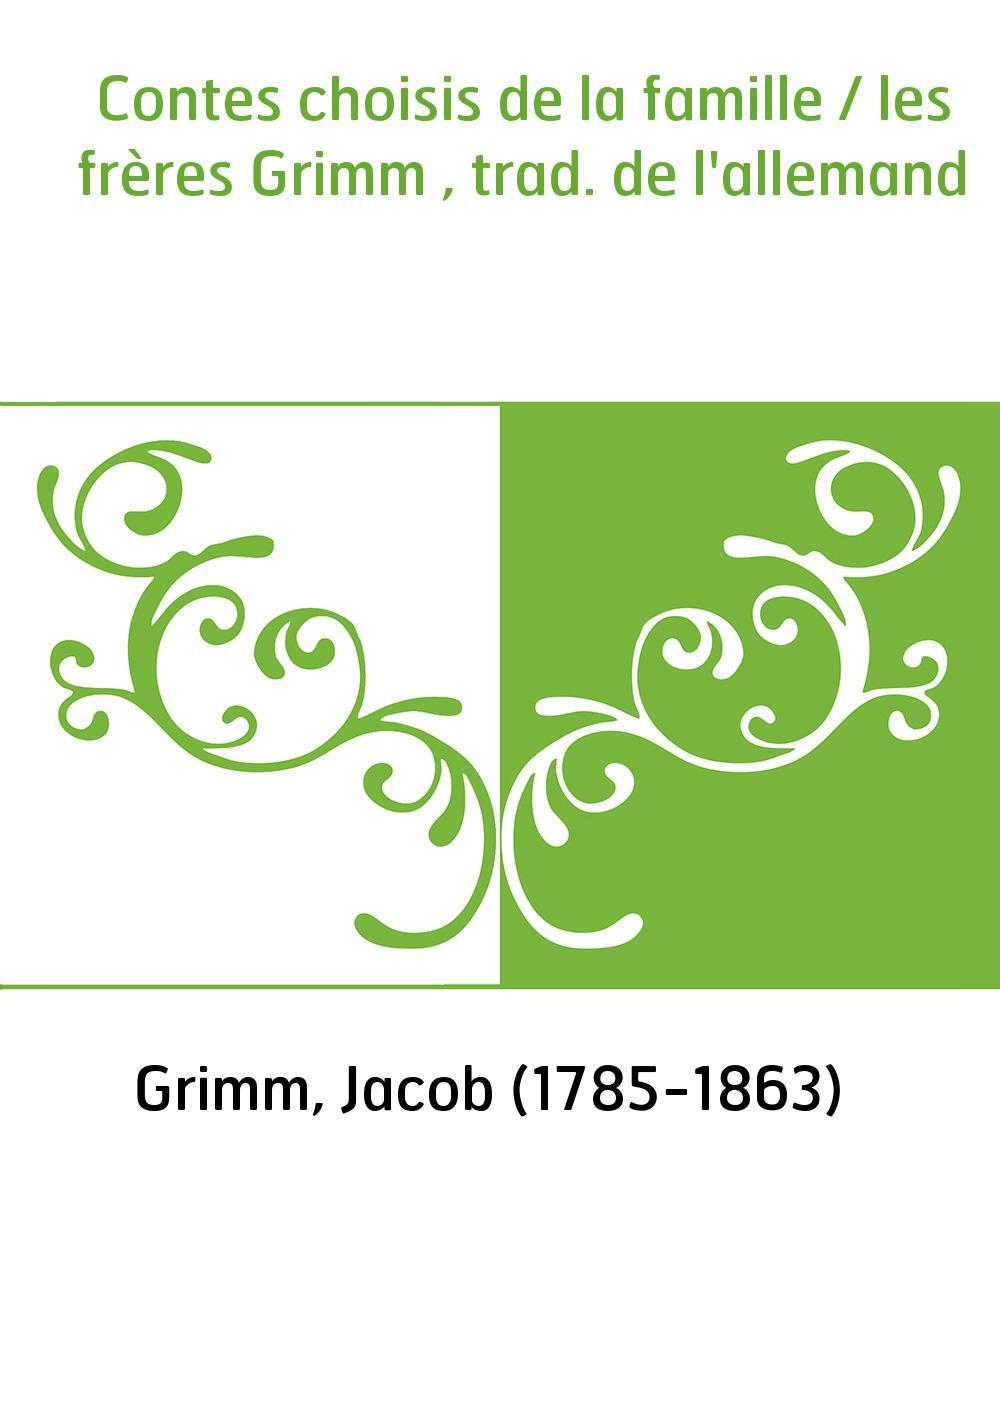 Contes choisis de la famille / les frères Grimm , trad. de l'allemand